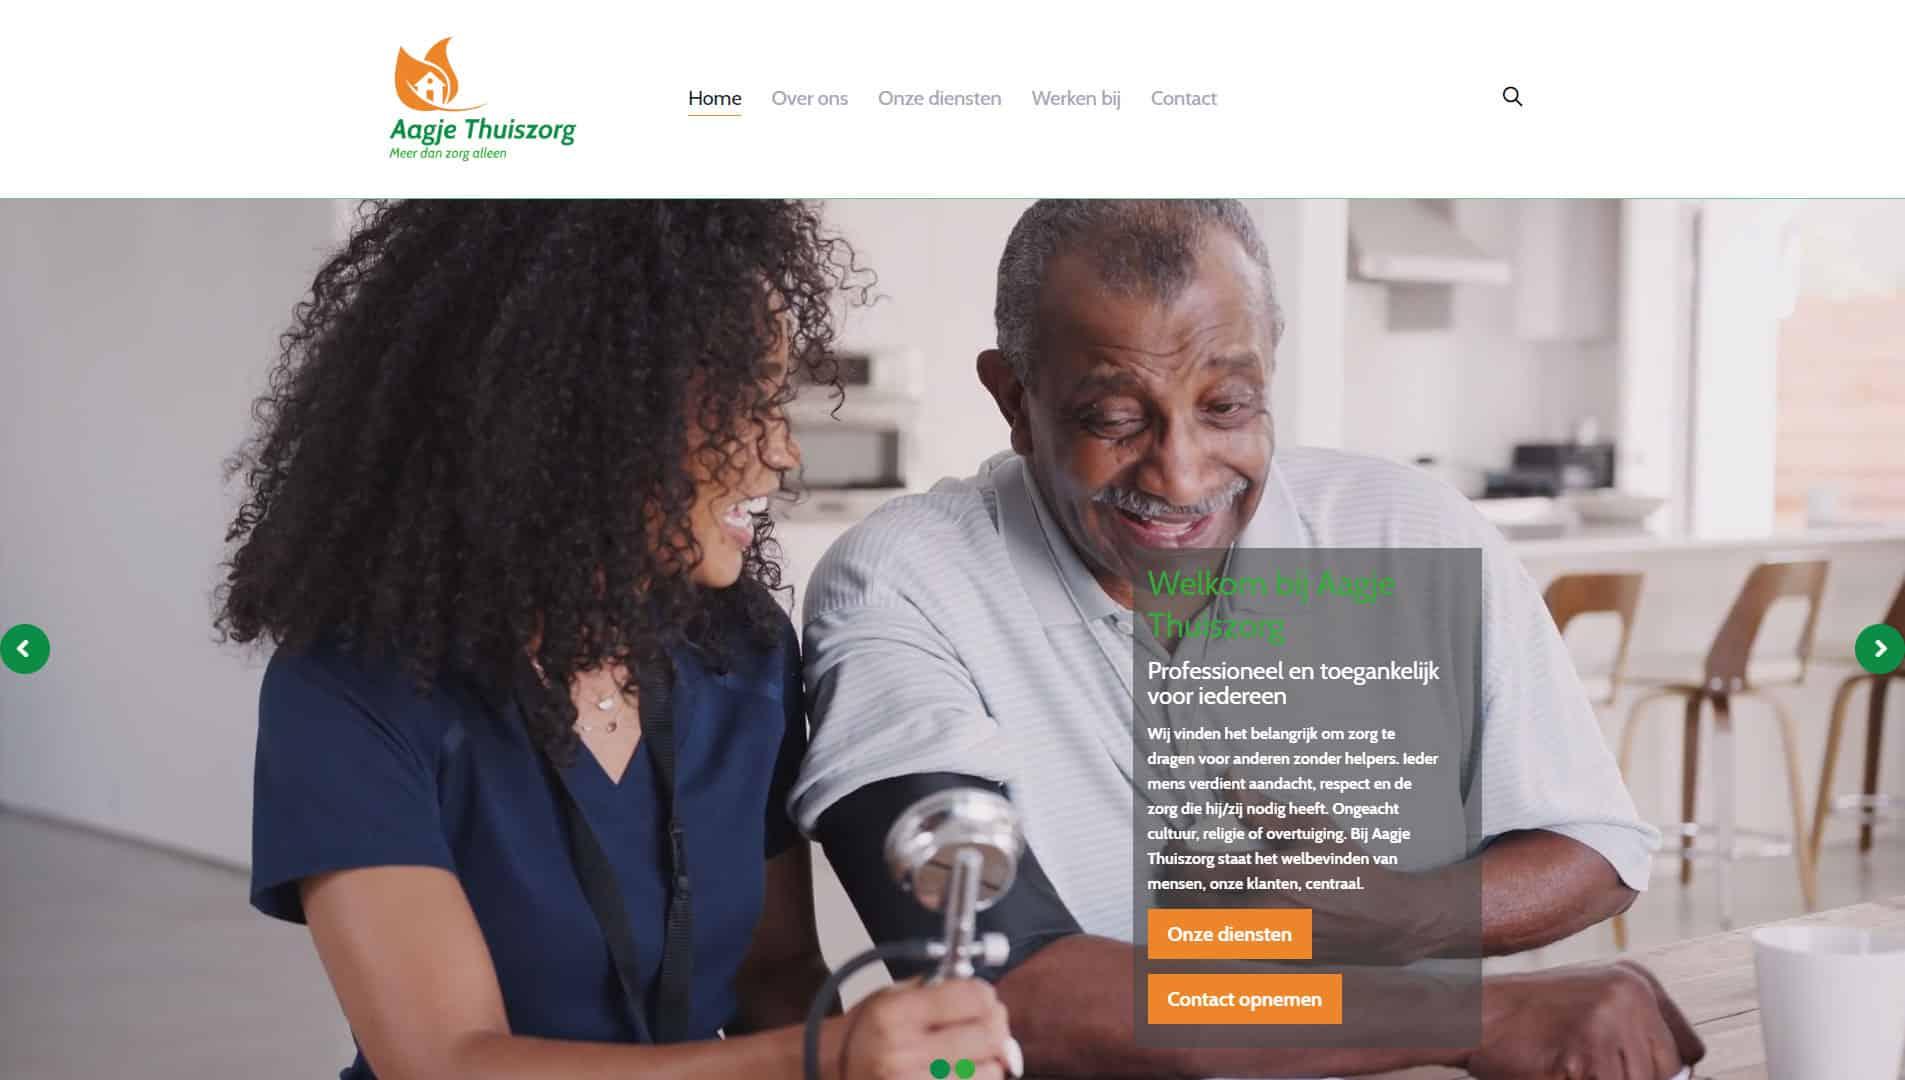 De voorpagina van de aagje thuiszorg website die is gemaakt door galileo academy